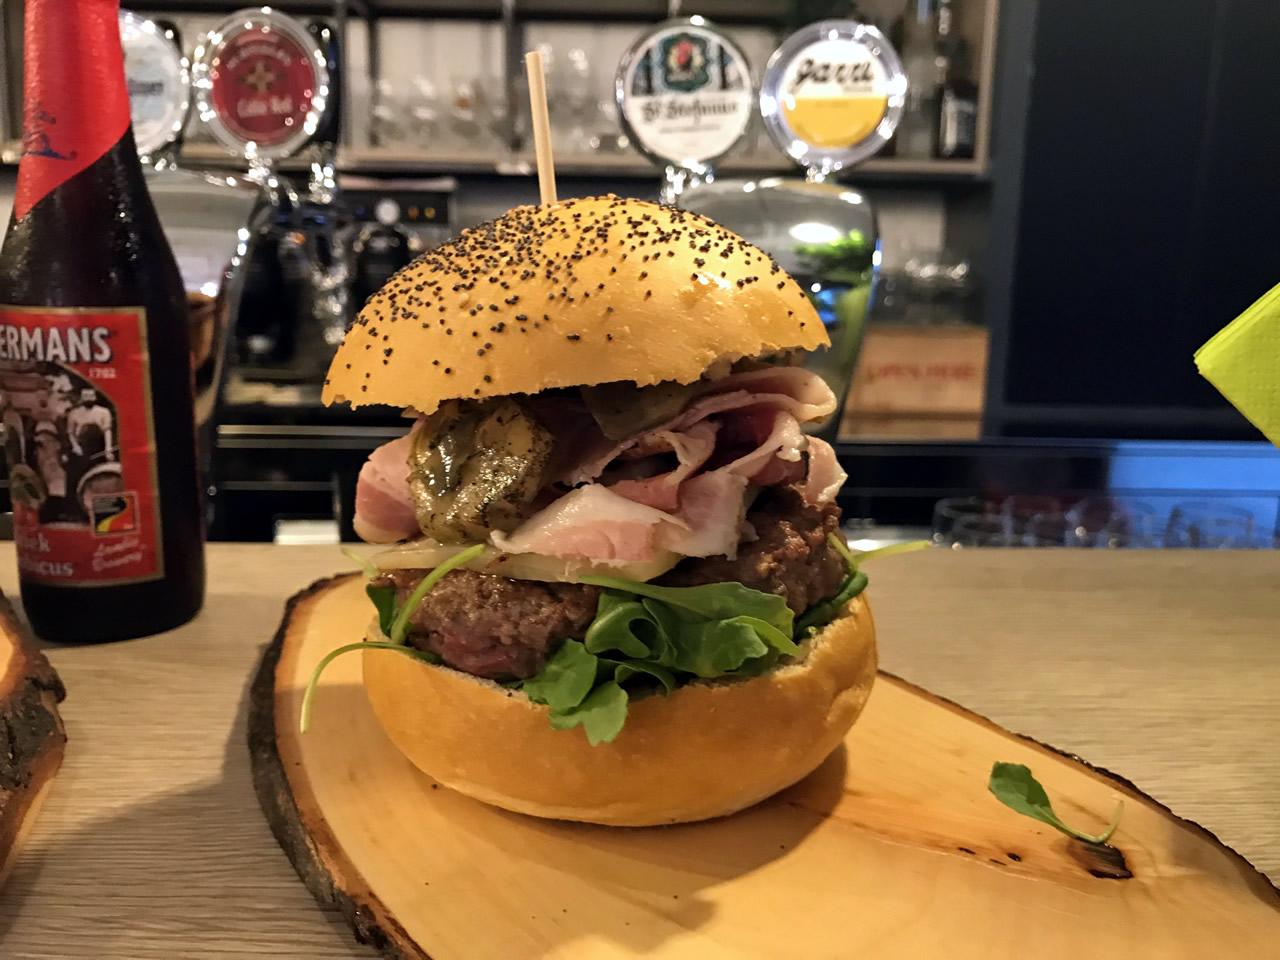 Accoglienza e cortesia all'insegna dei panini gourmet: Salotto Fame